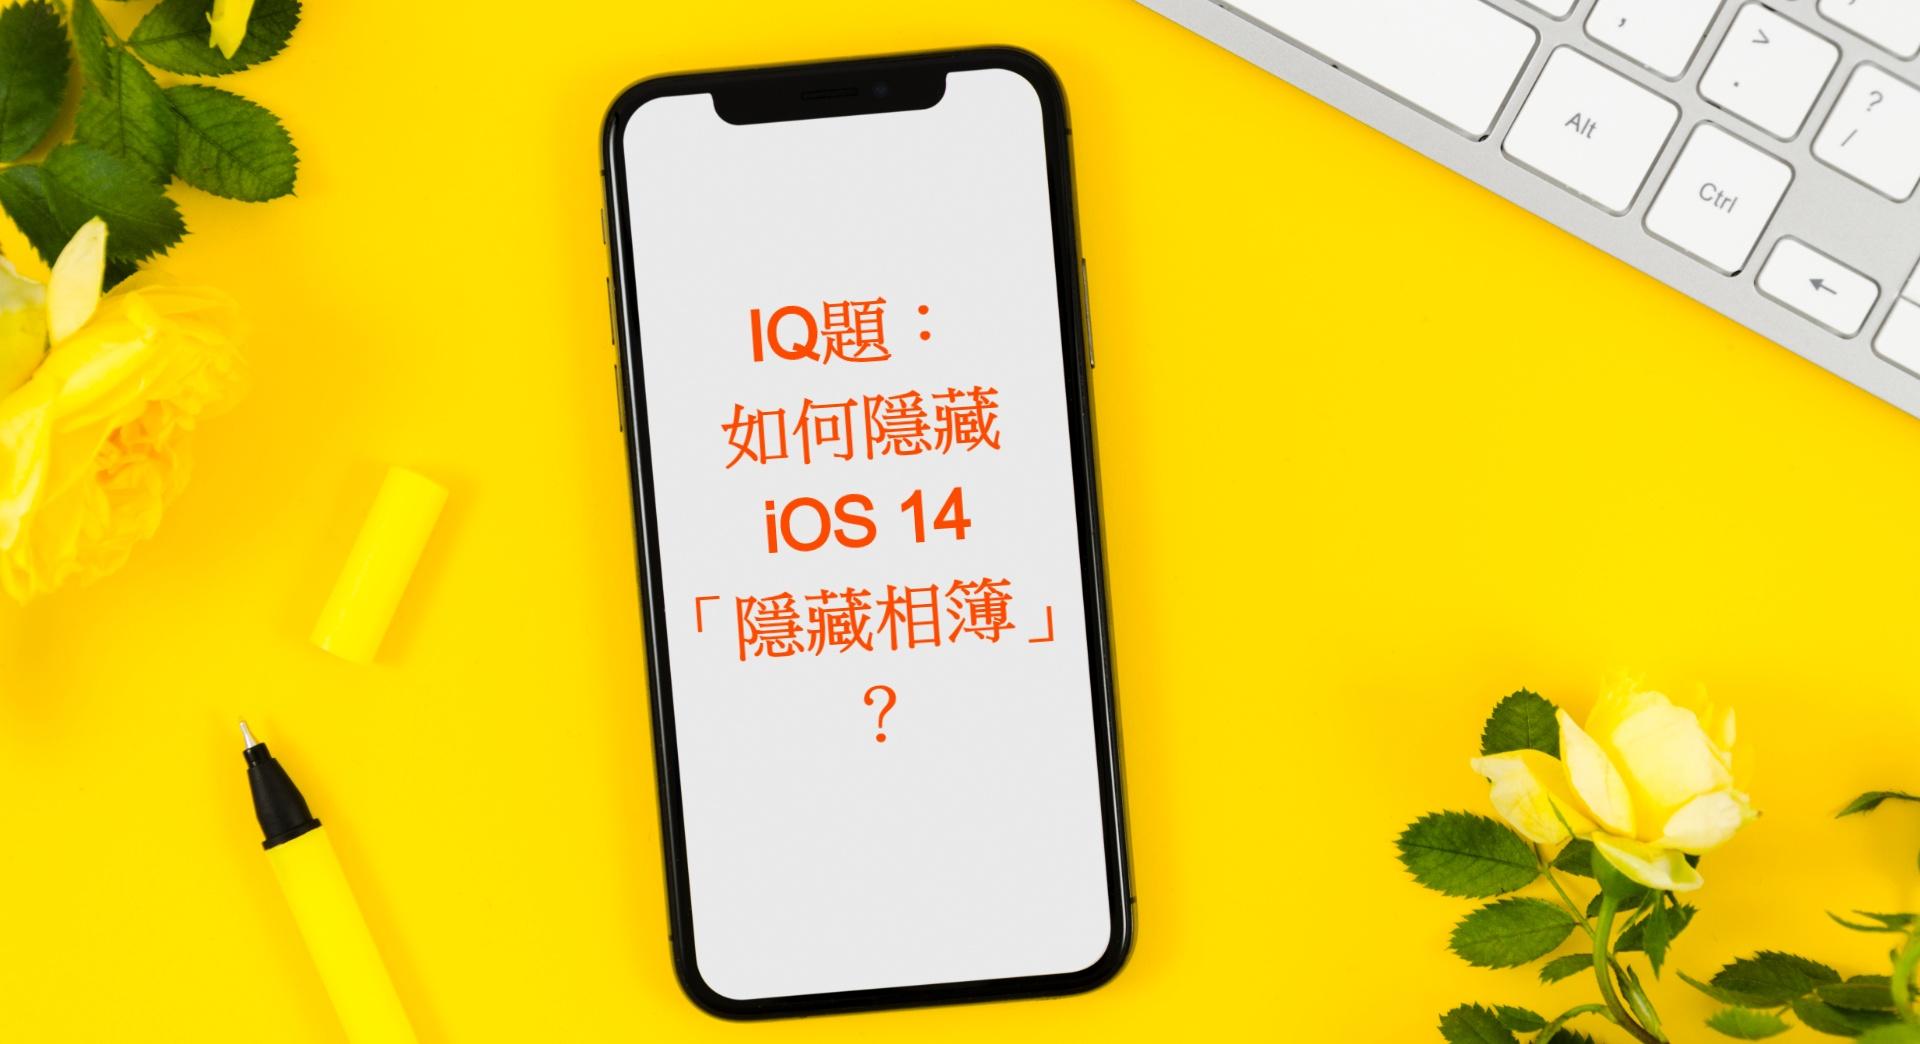 IQ題:如何隱藏 iOS 的「 隱藏相簿 」?